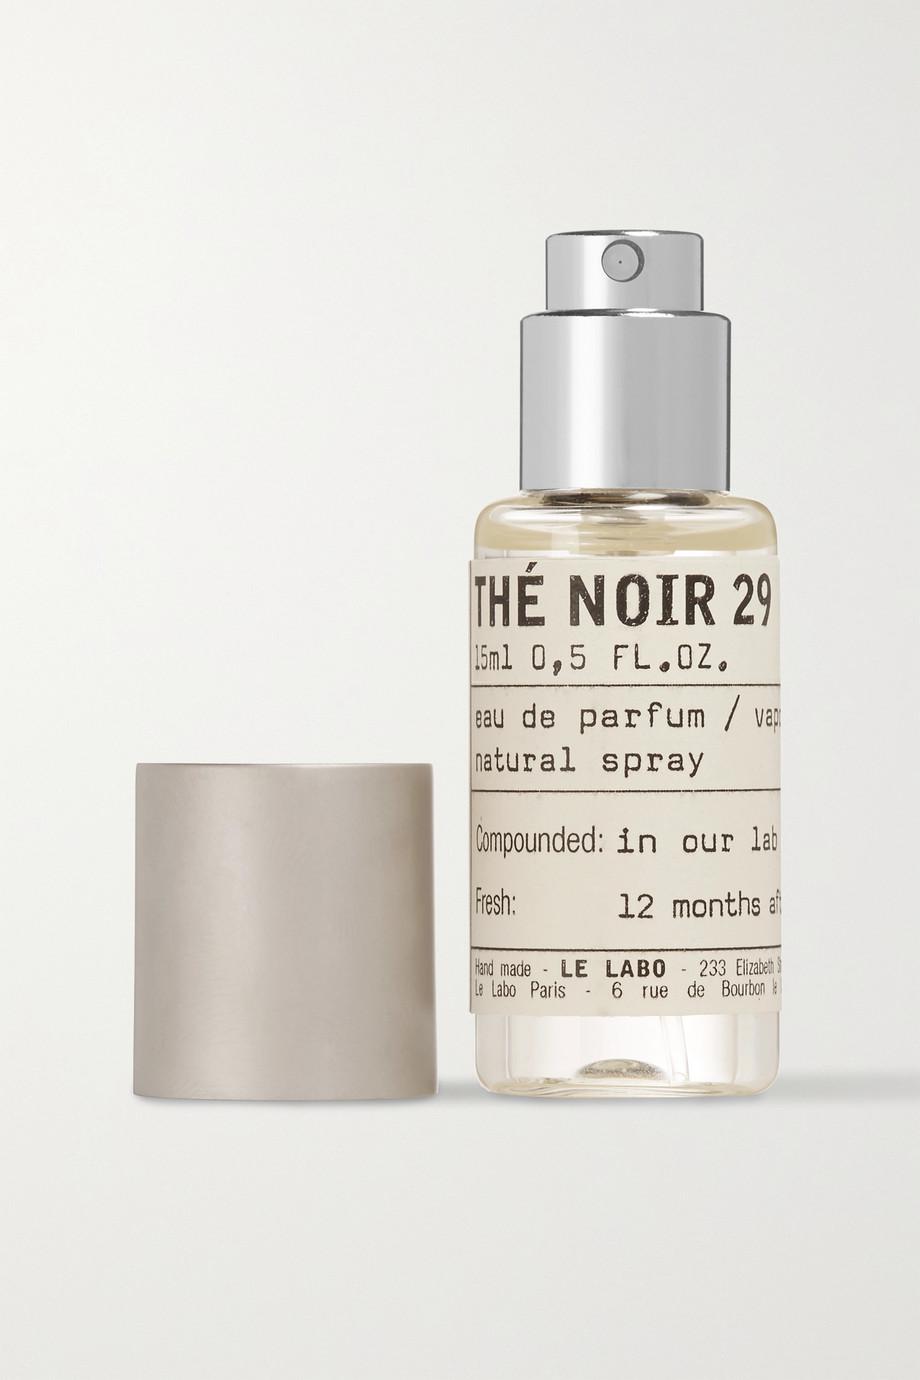 Le Labo Eau de Parfum - Thé Noir 29, 15ml